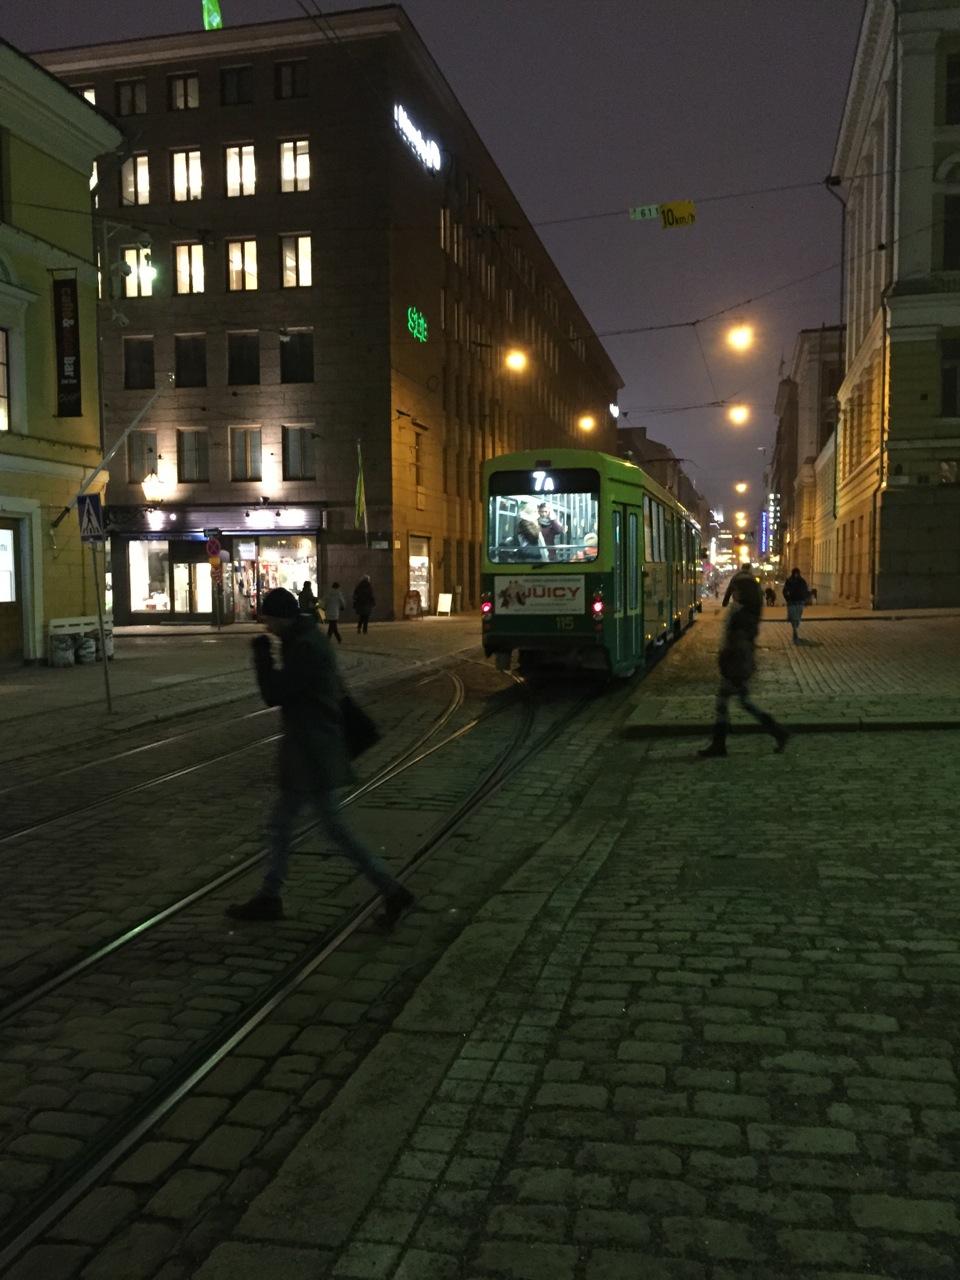 フィンランド(ラップランド)1日目:ヘルシンキでストップオーバー(空港バスと日本食っぽいレストラン)